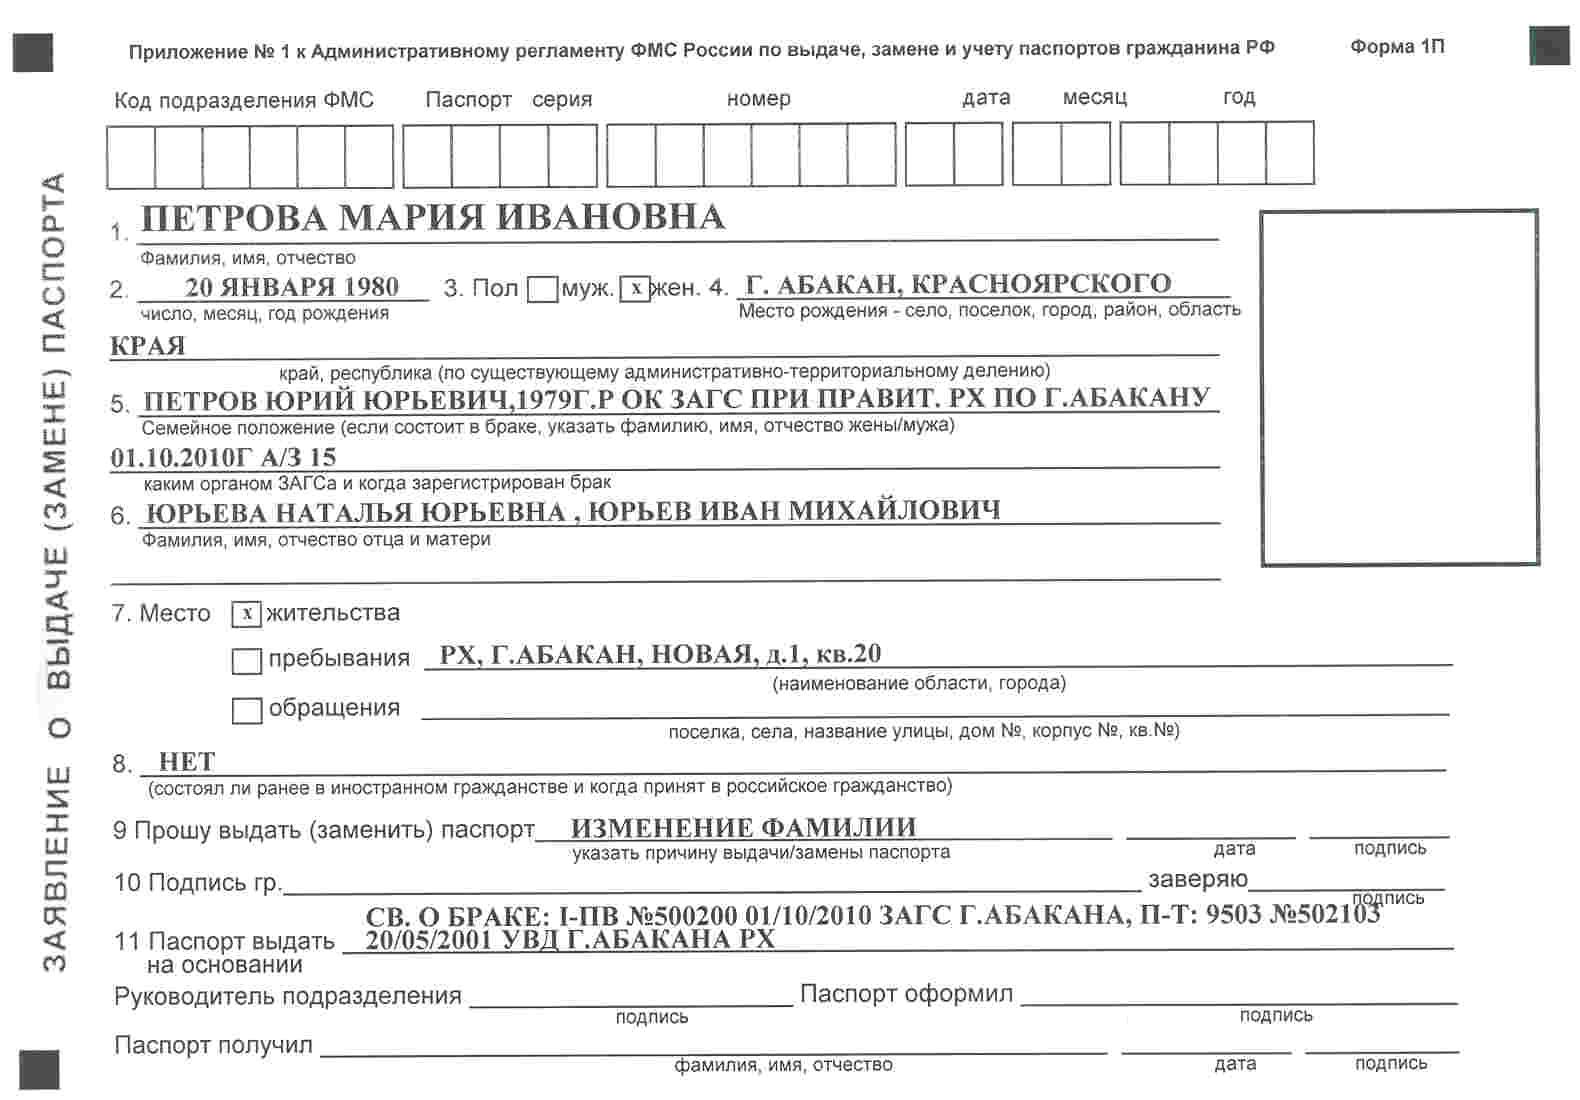 Заявление о замене паспорта